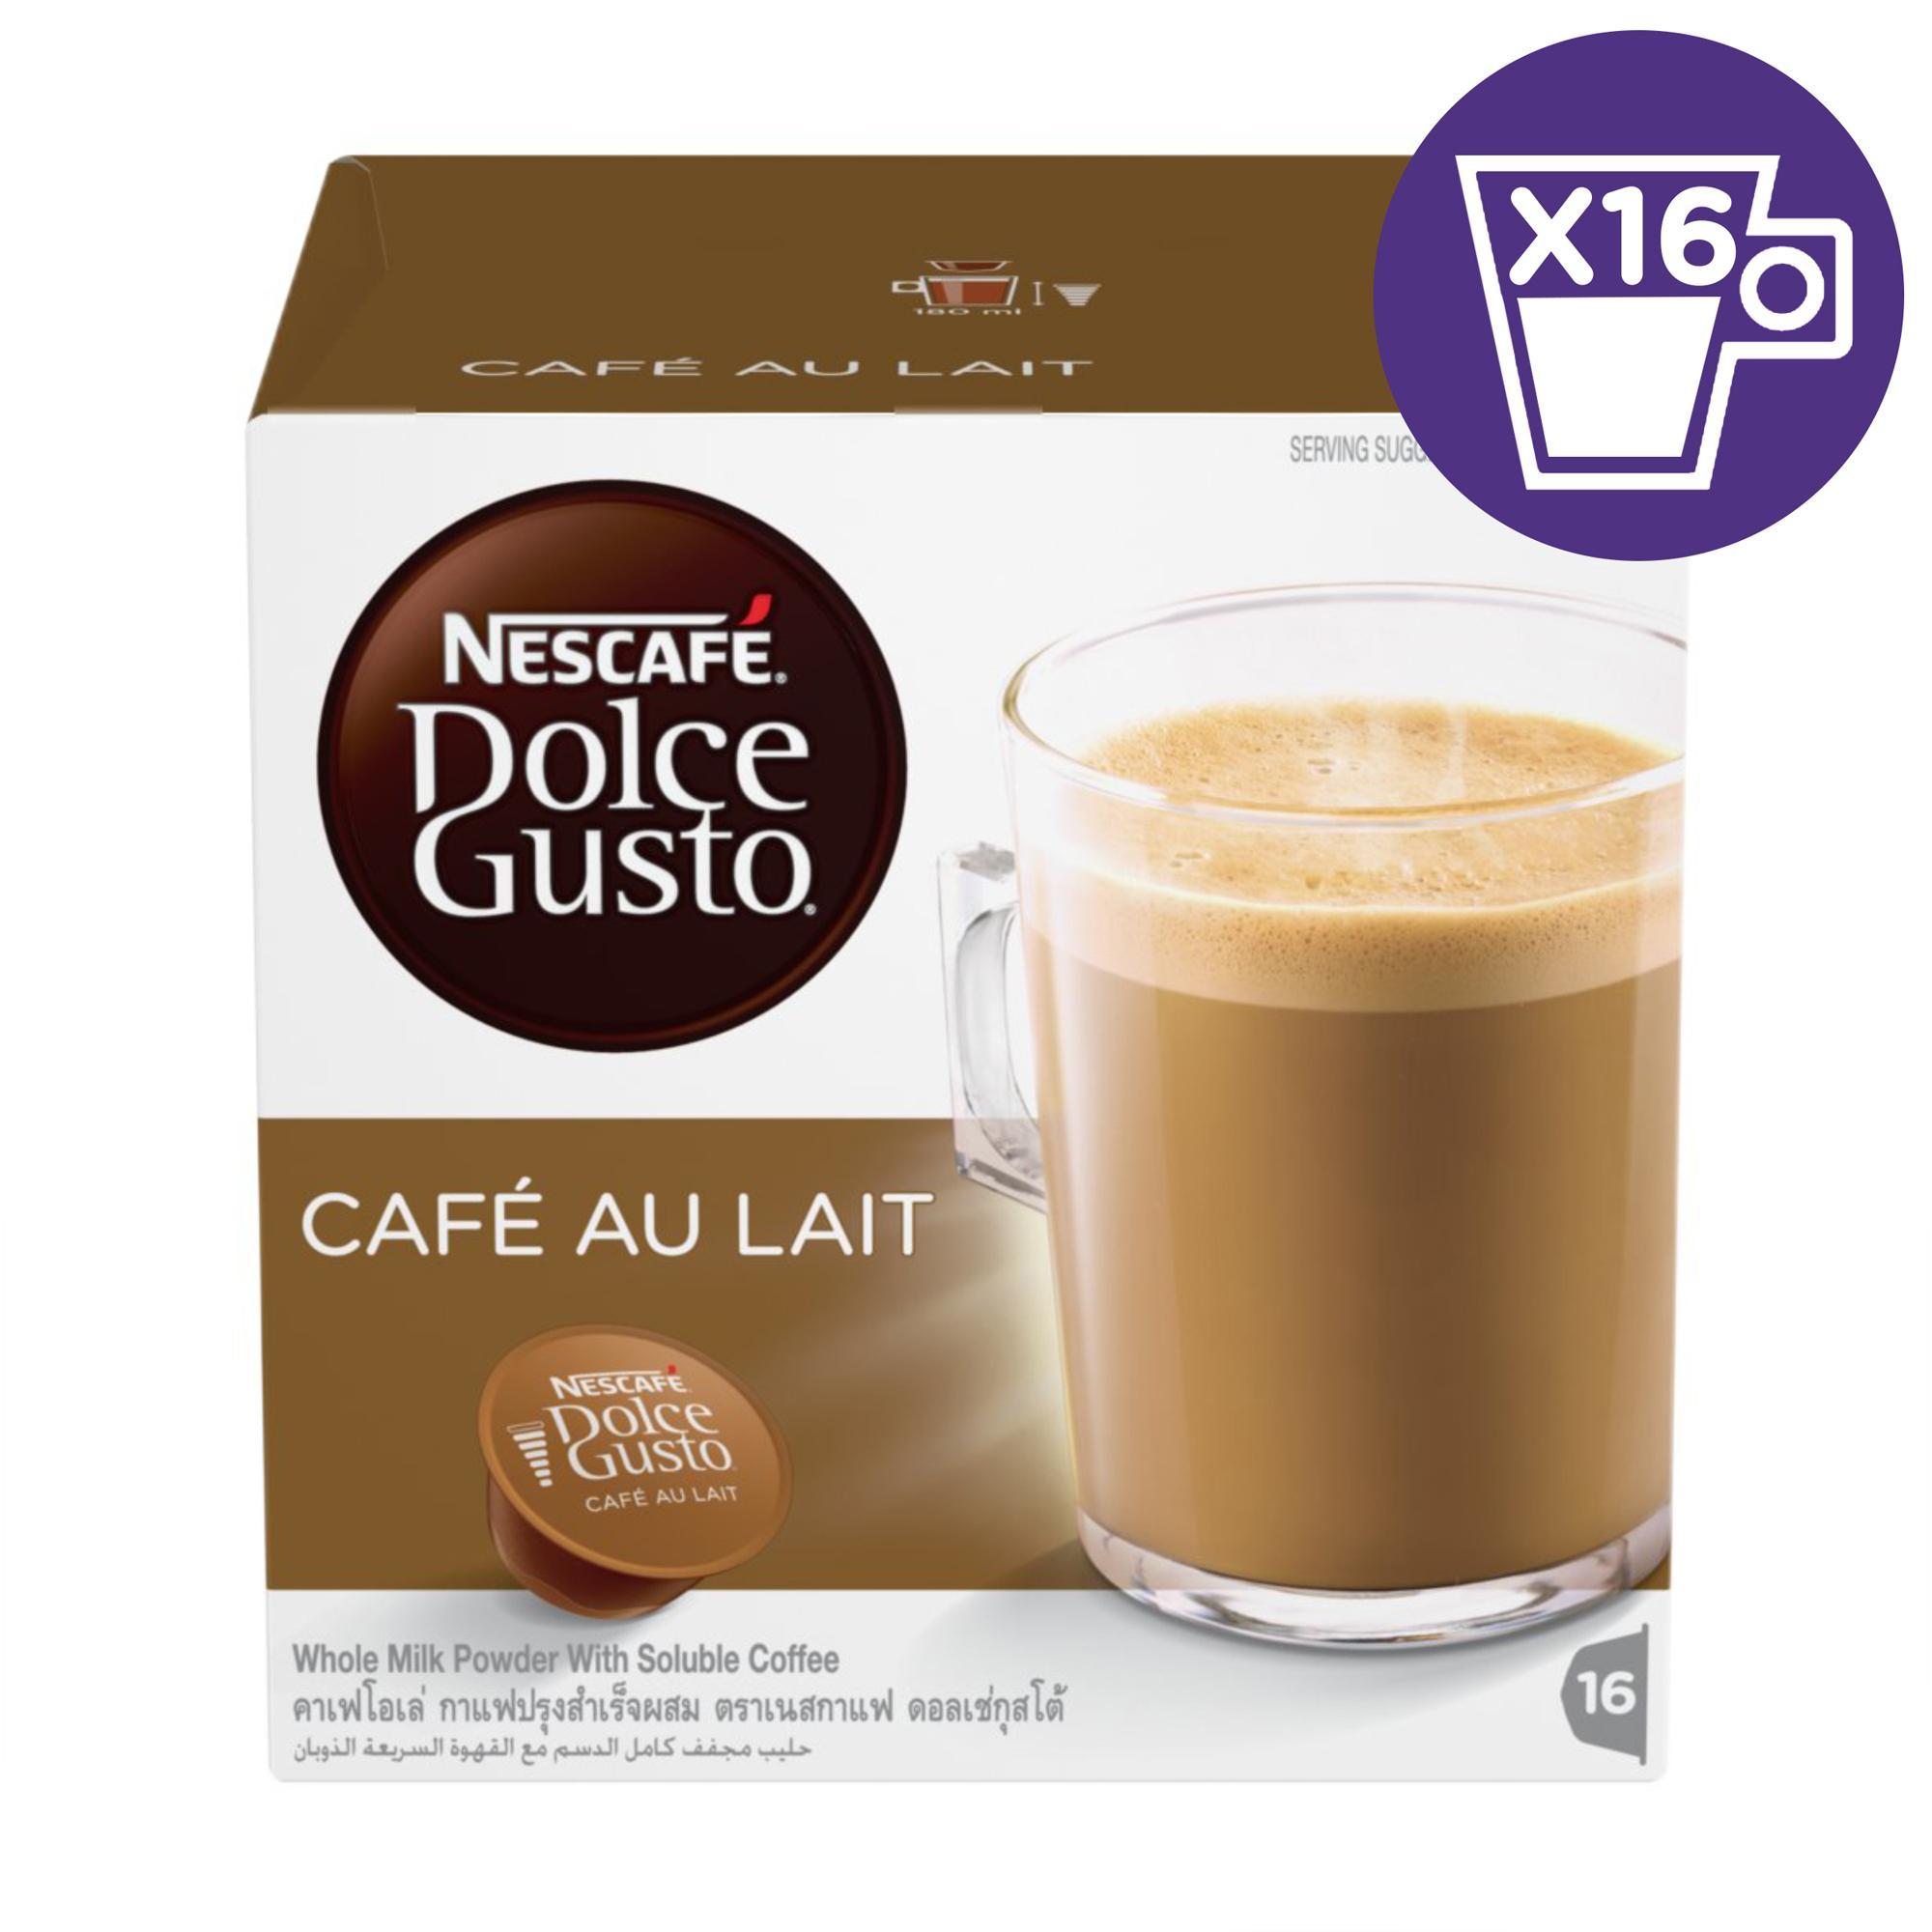 NescafÉ Dolce Gusto Capsule Cafe Au Lait By NescafÉ Dolce Gusto.